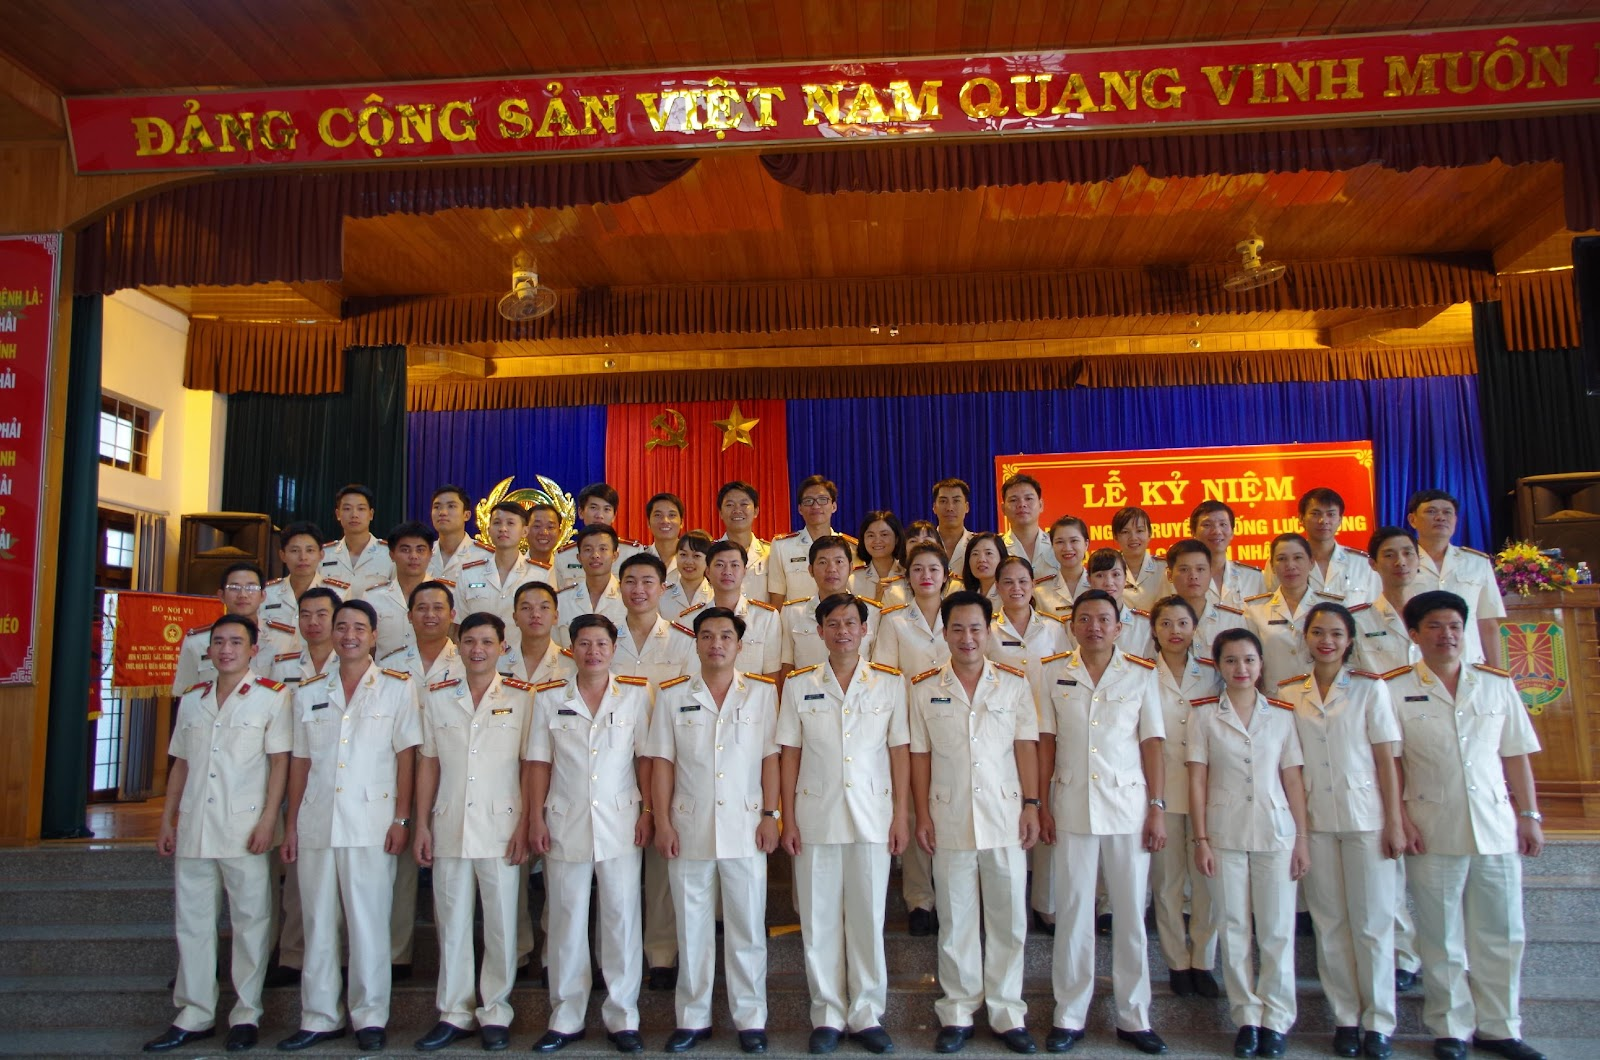 Công tác nghiên cứu lịch sử, bảo tàng truyền thống của Công an tỉnh Kon Tum  và phương hướng, nhiệm vụ đến năm 2020